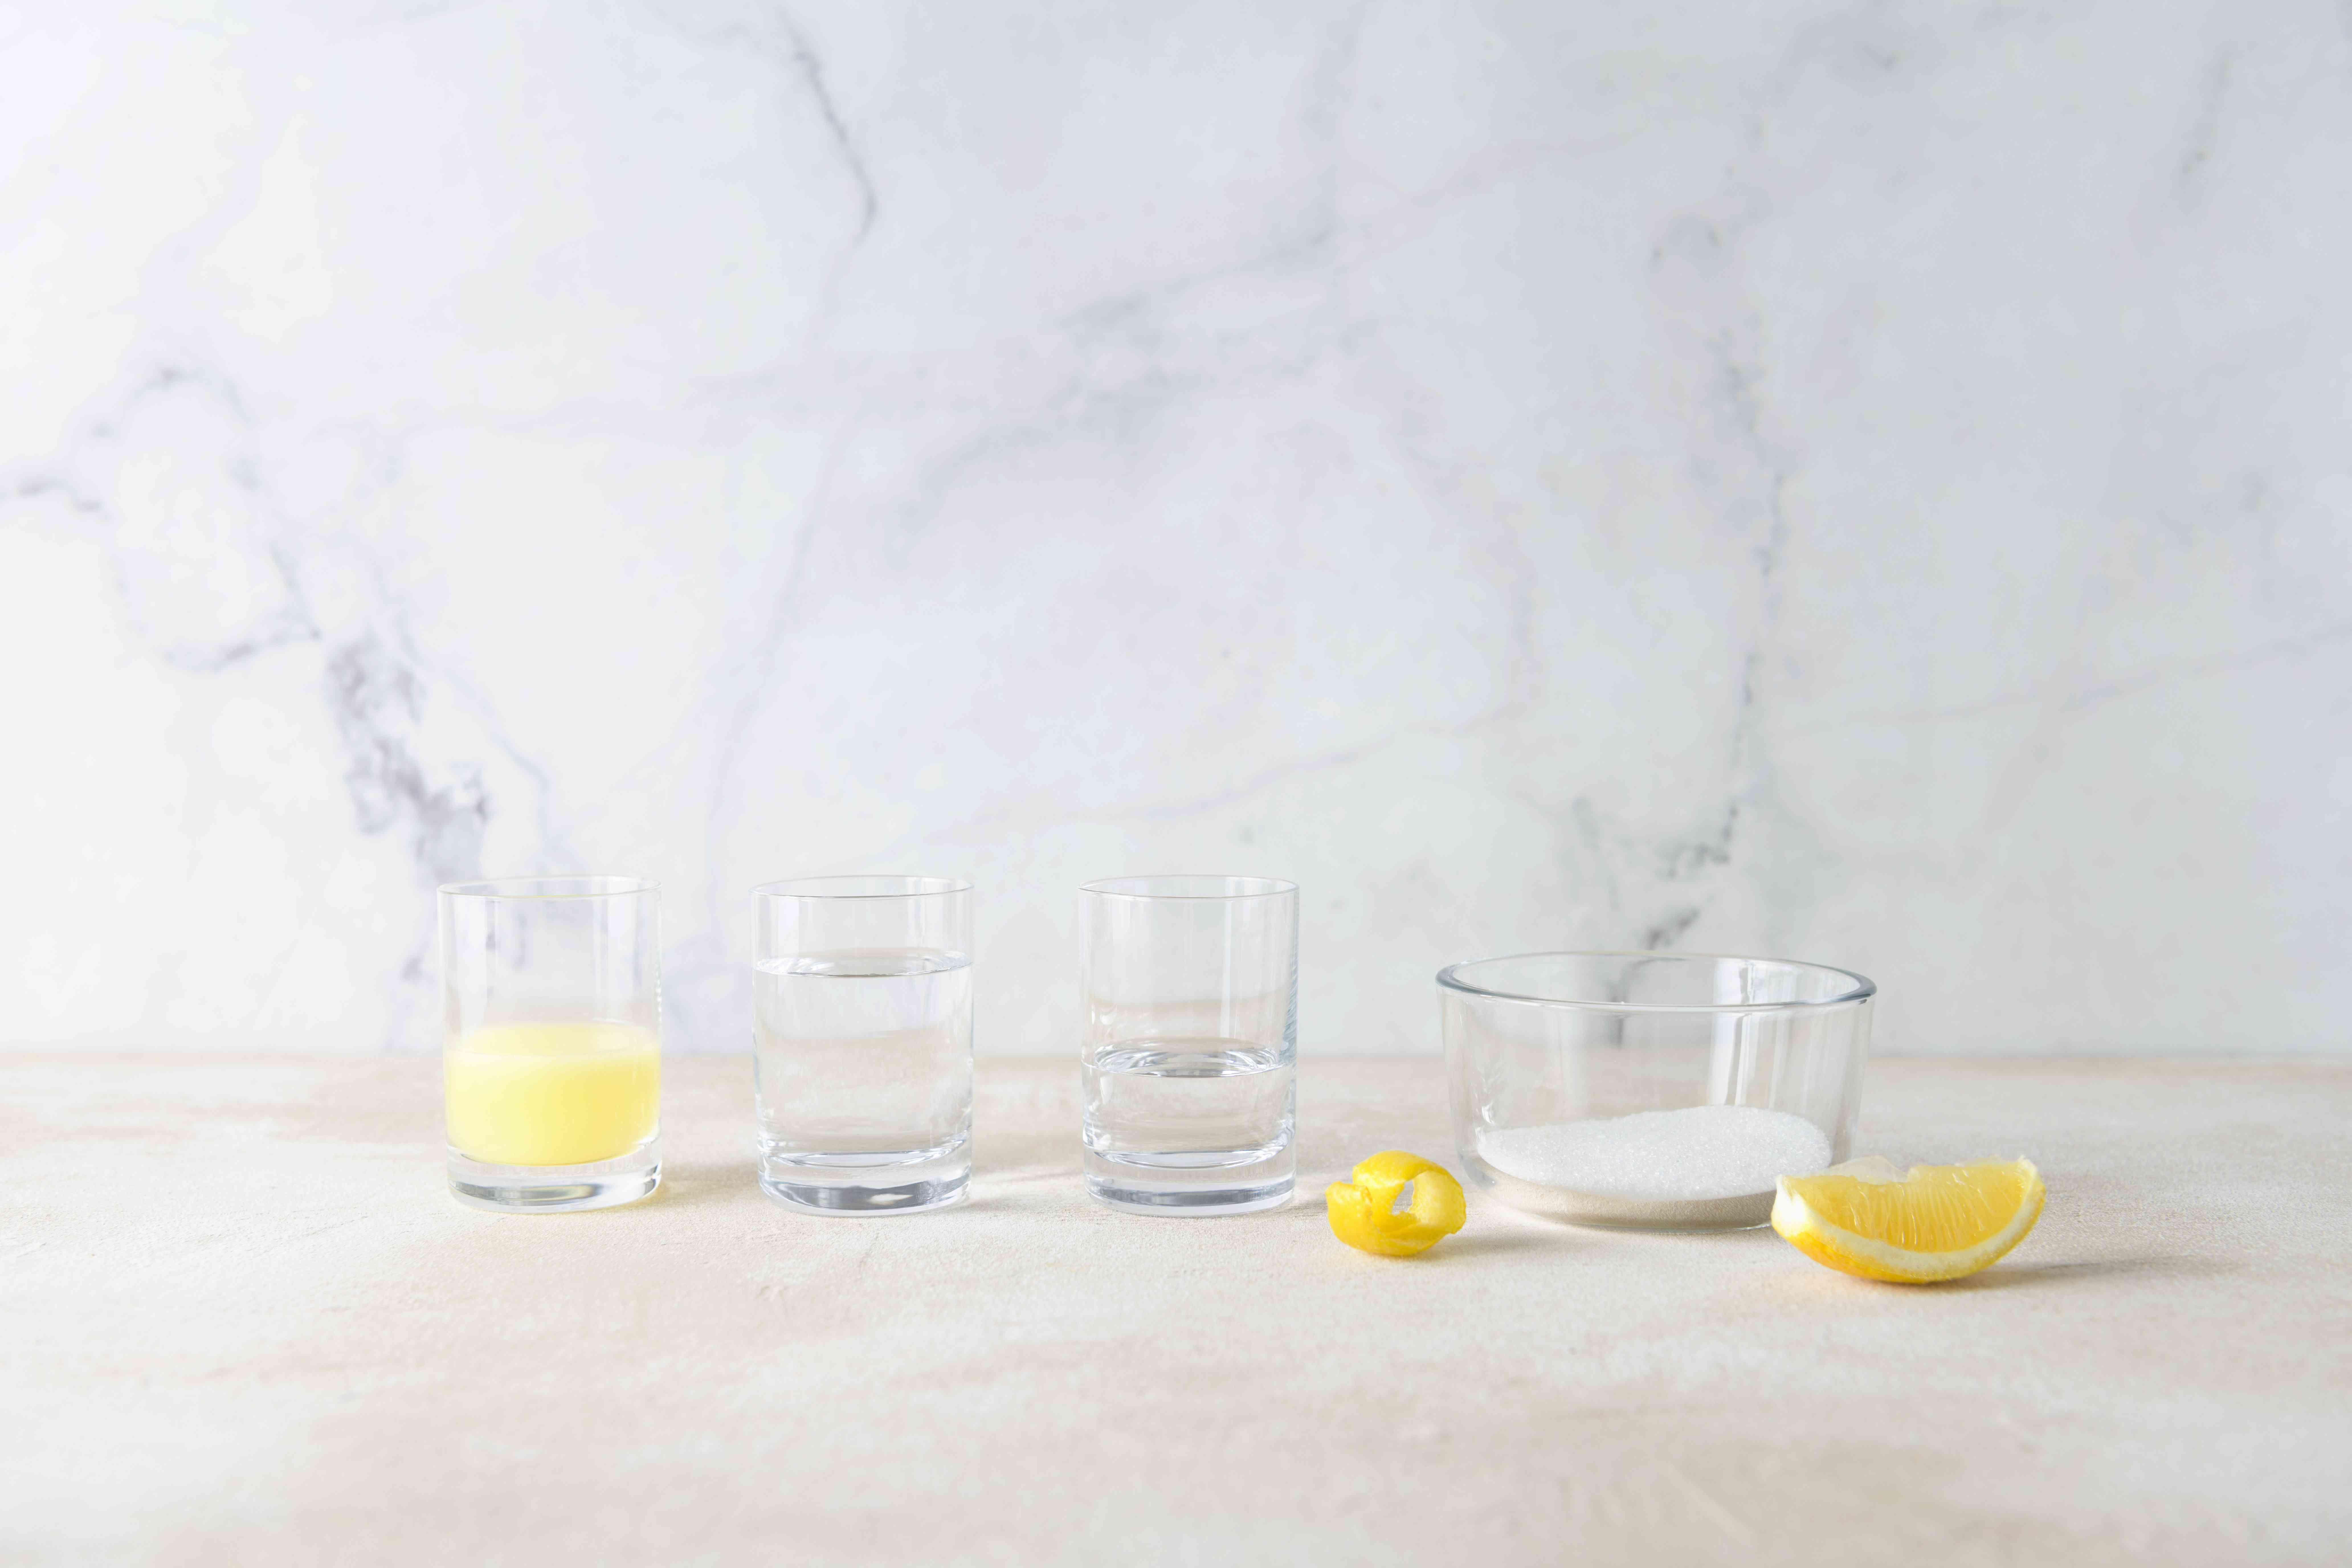 Lemon Drop Martini ingredients